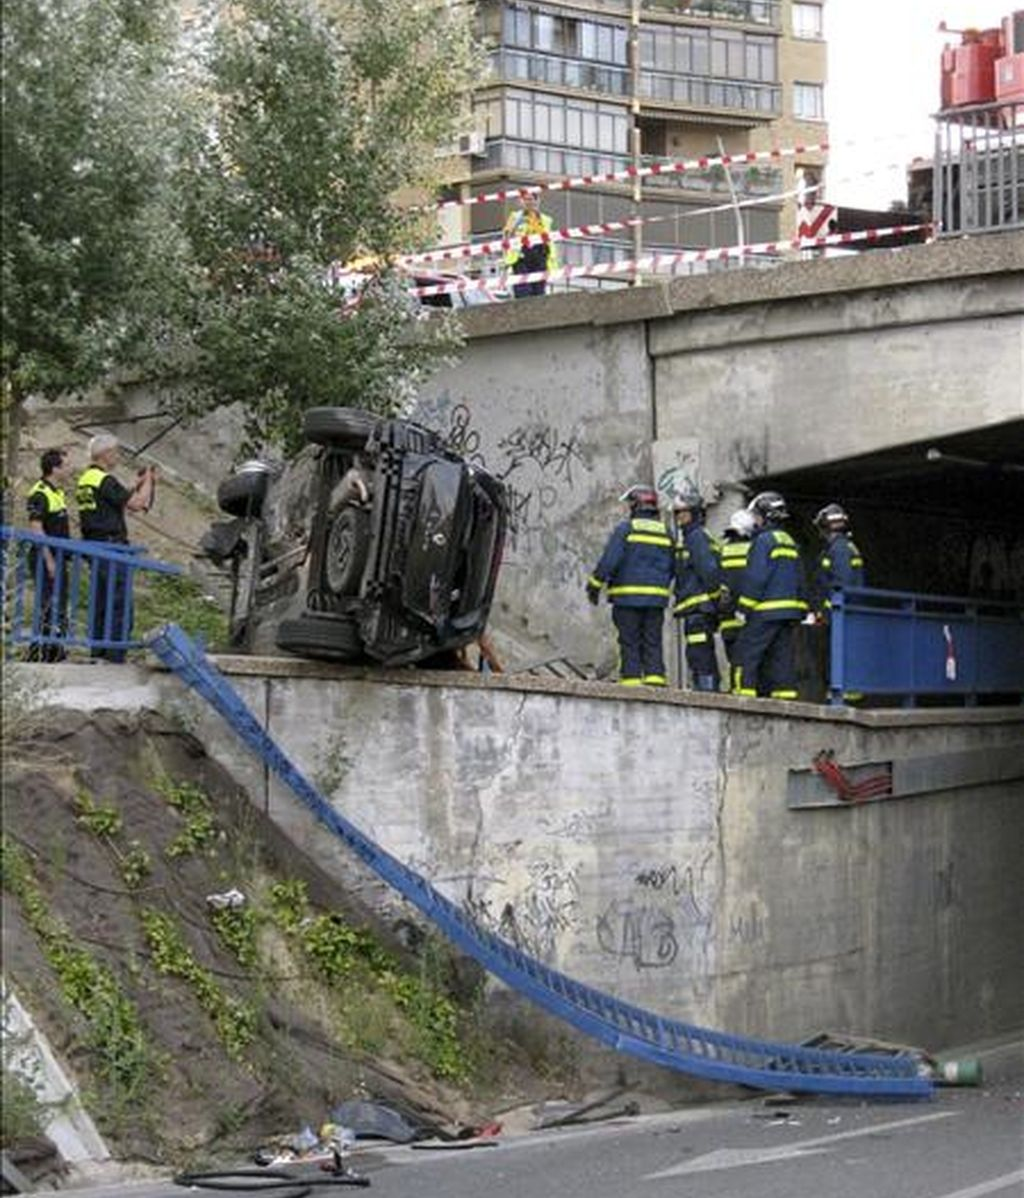 Vista del estado en el que quedó un turismo tras el accidente en el que cuatro jóvenes han resultado heridos leves al caer el coche en el que circulaban por un puente desde cinco metros de altura en la carretera de Extremadura en sentido salida de Madrid. EFE/Ayuntamiento de Madrid